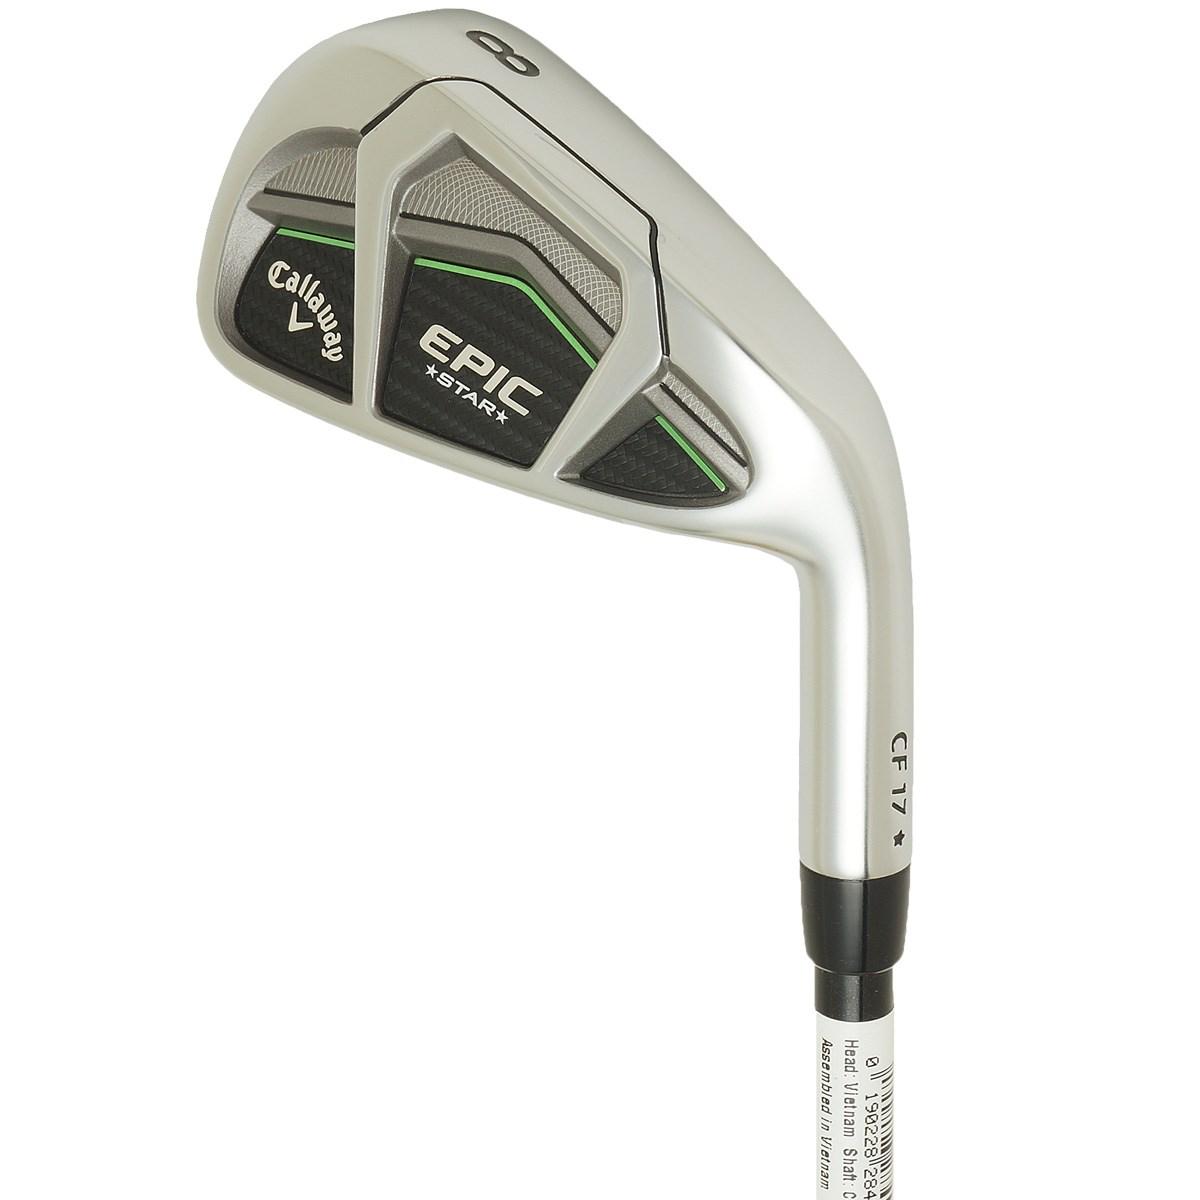 キャロウェイゴルフ(Callaway Golf) GBB EPIC STAR アイアン(5本セット) N.S.PRO ZELOS 7